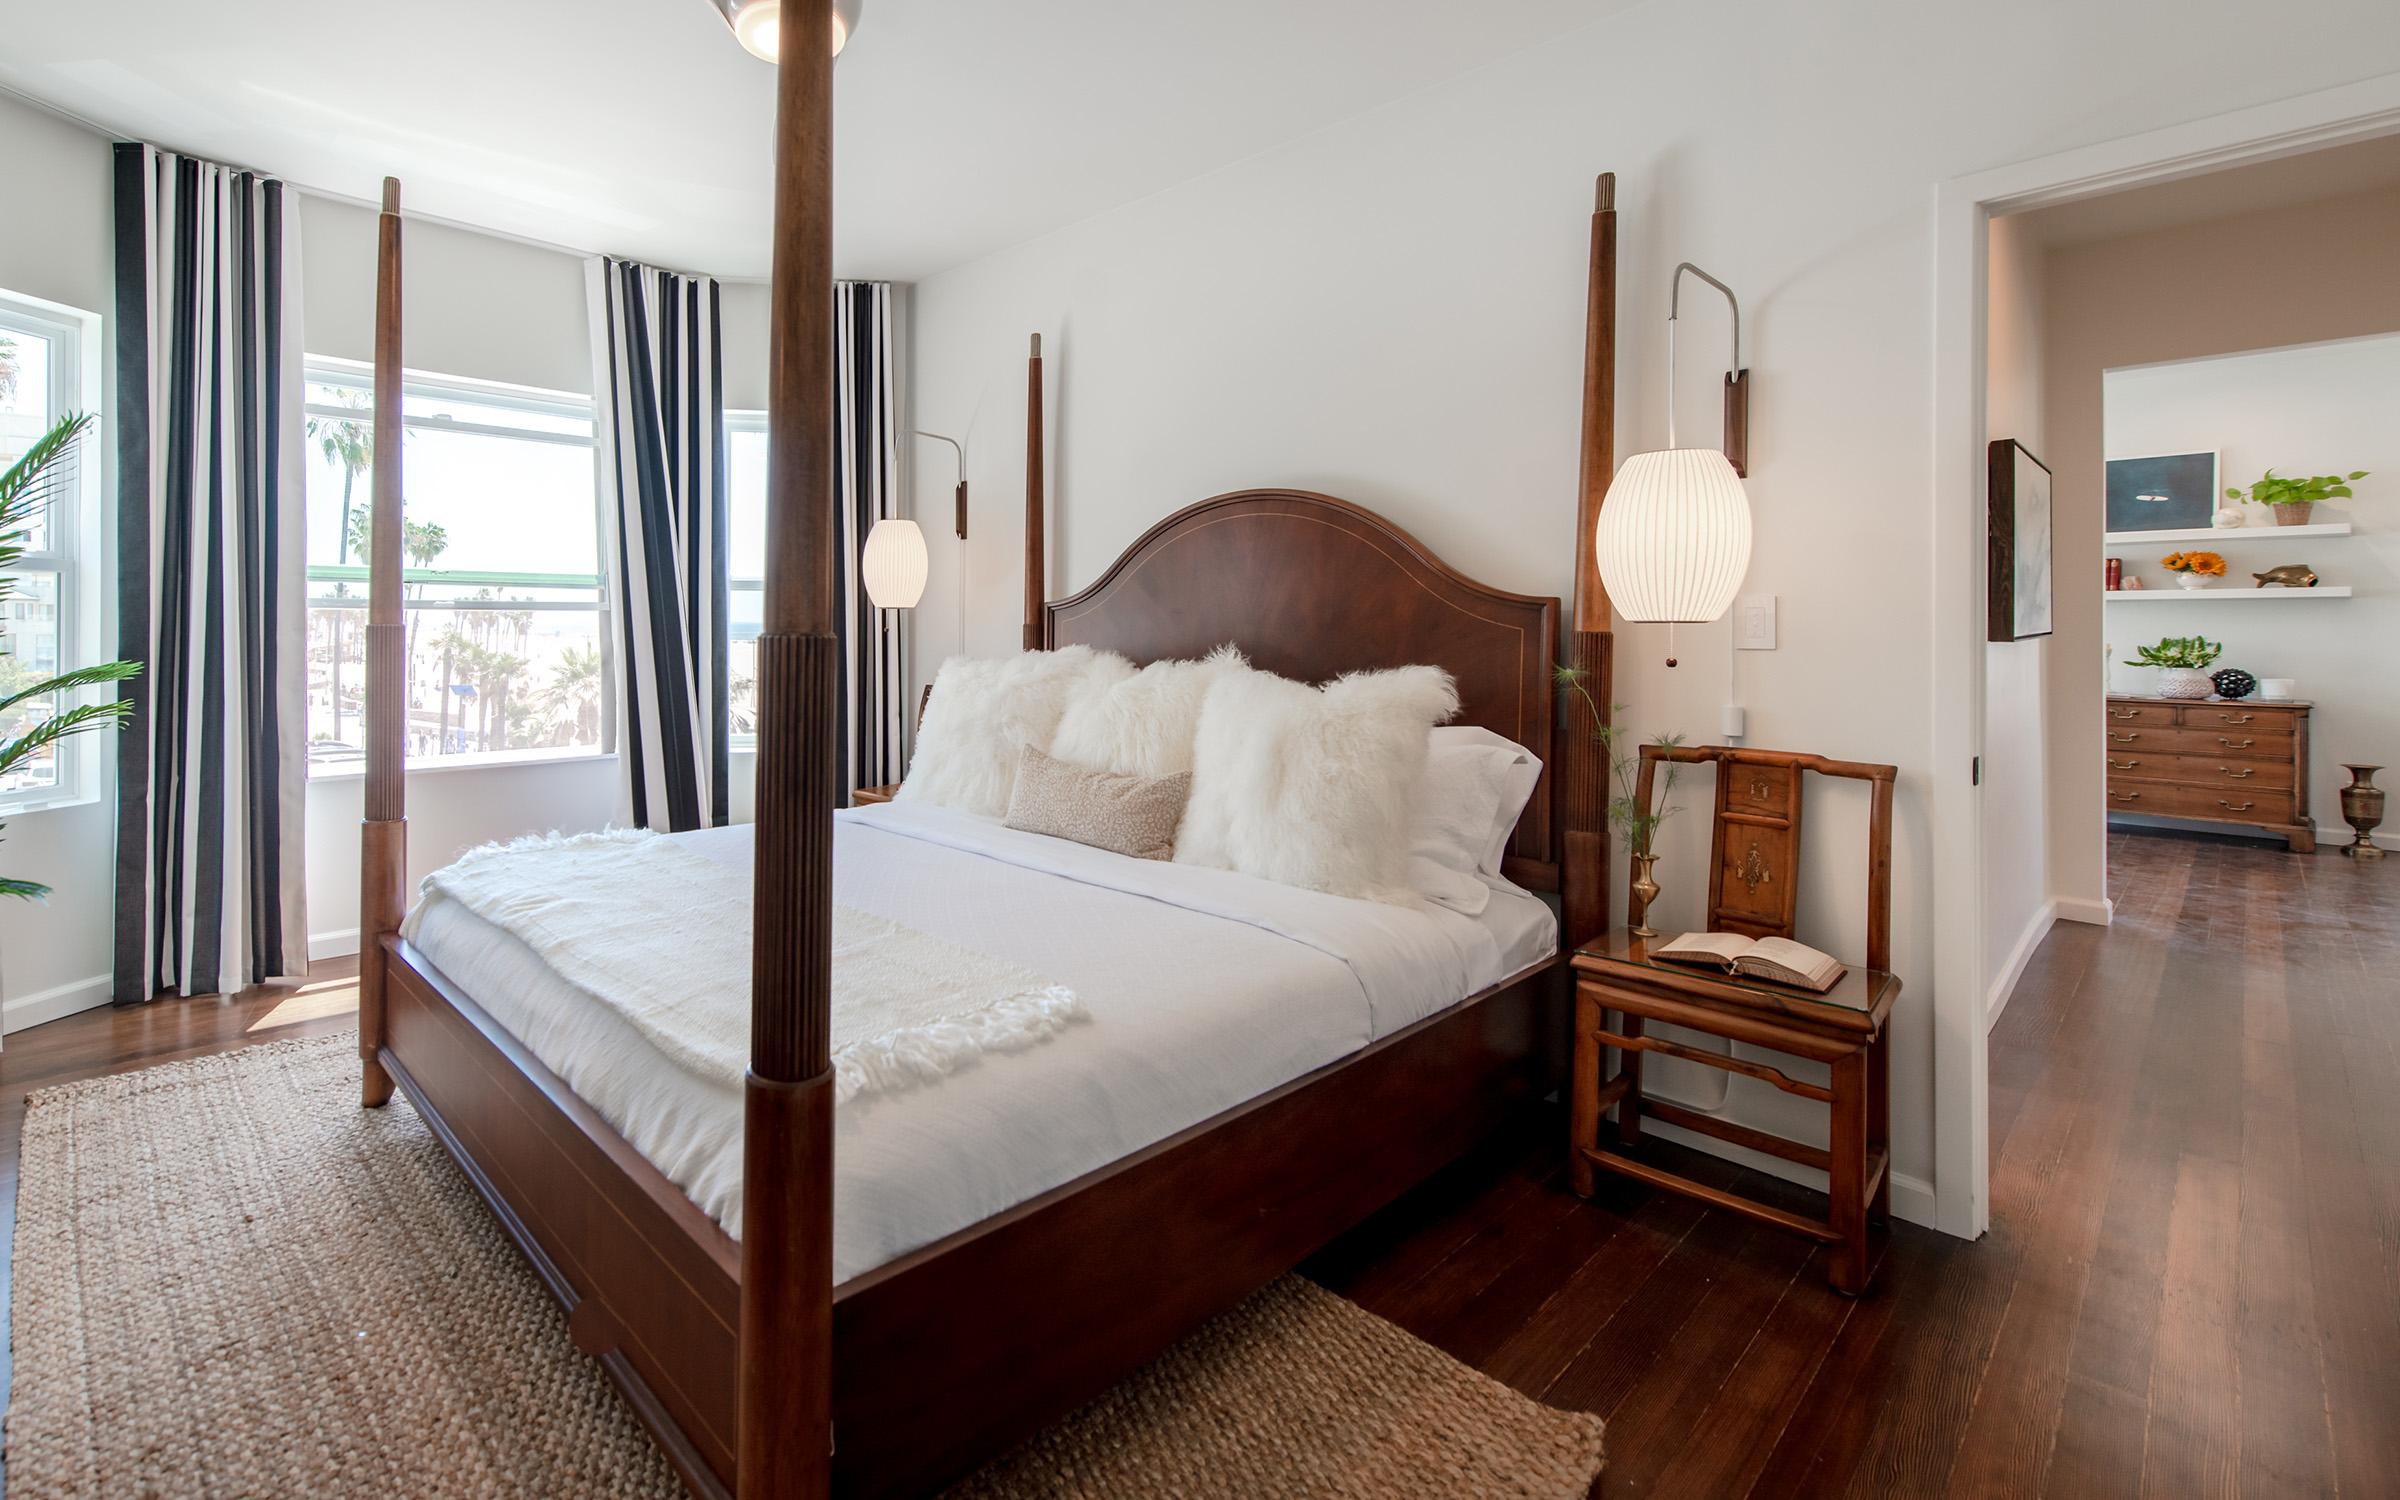 One Bedroom fully renovated in Santa Monica